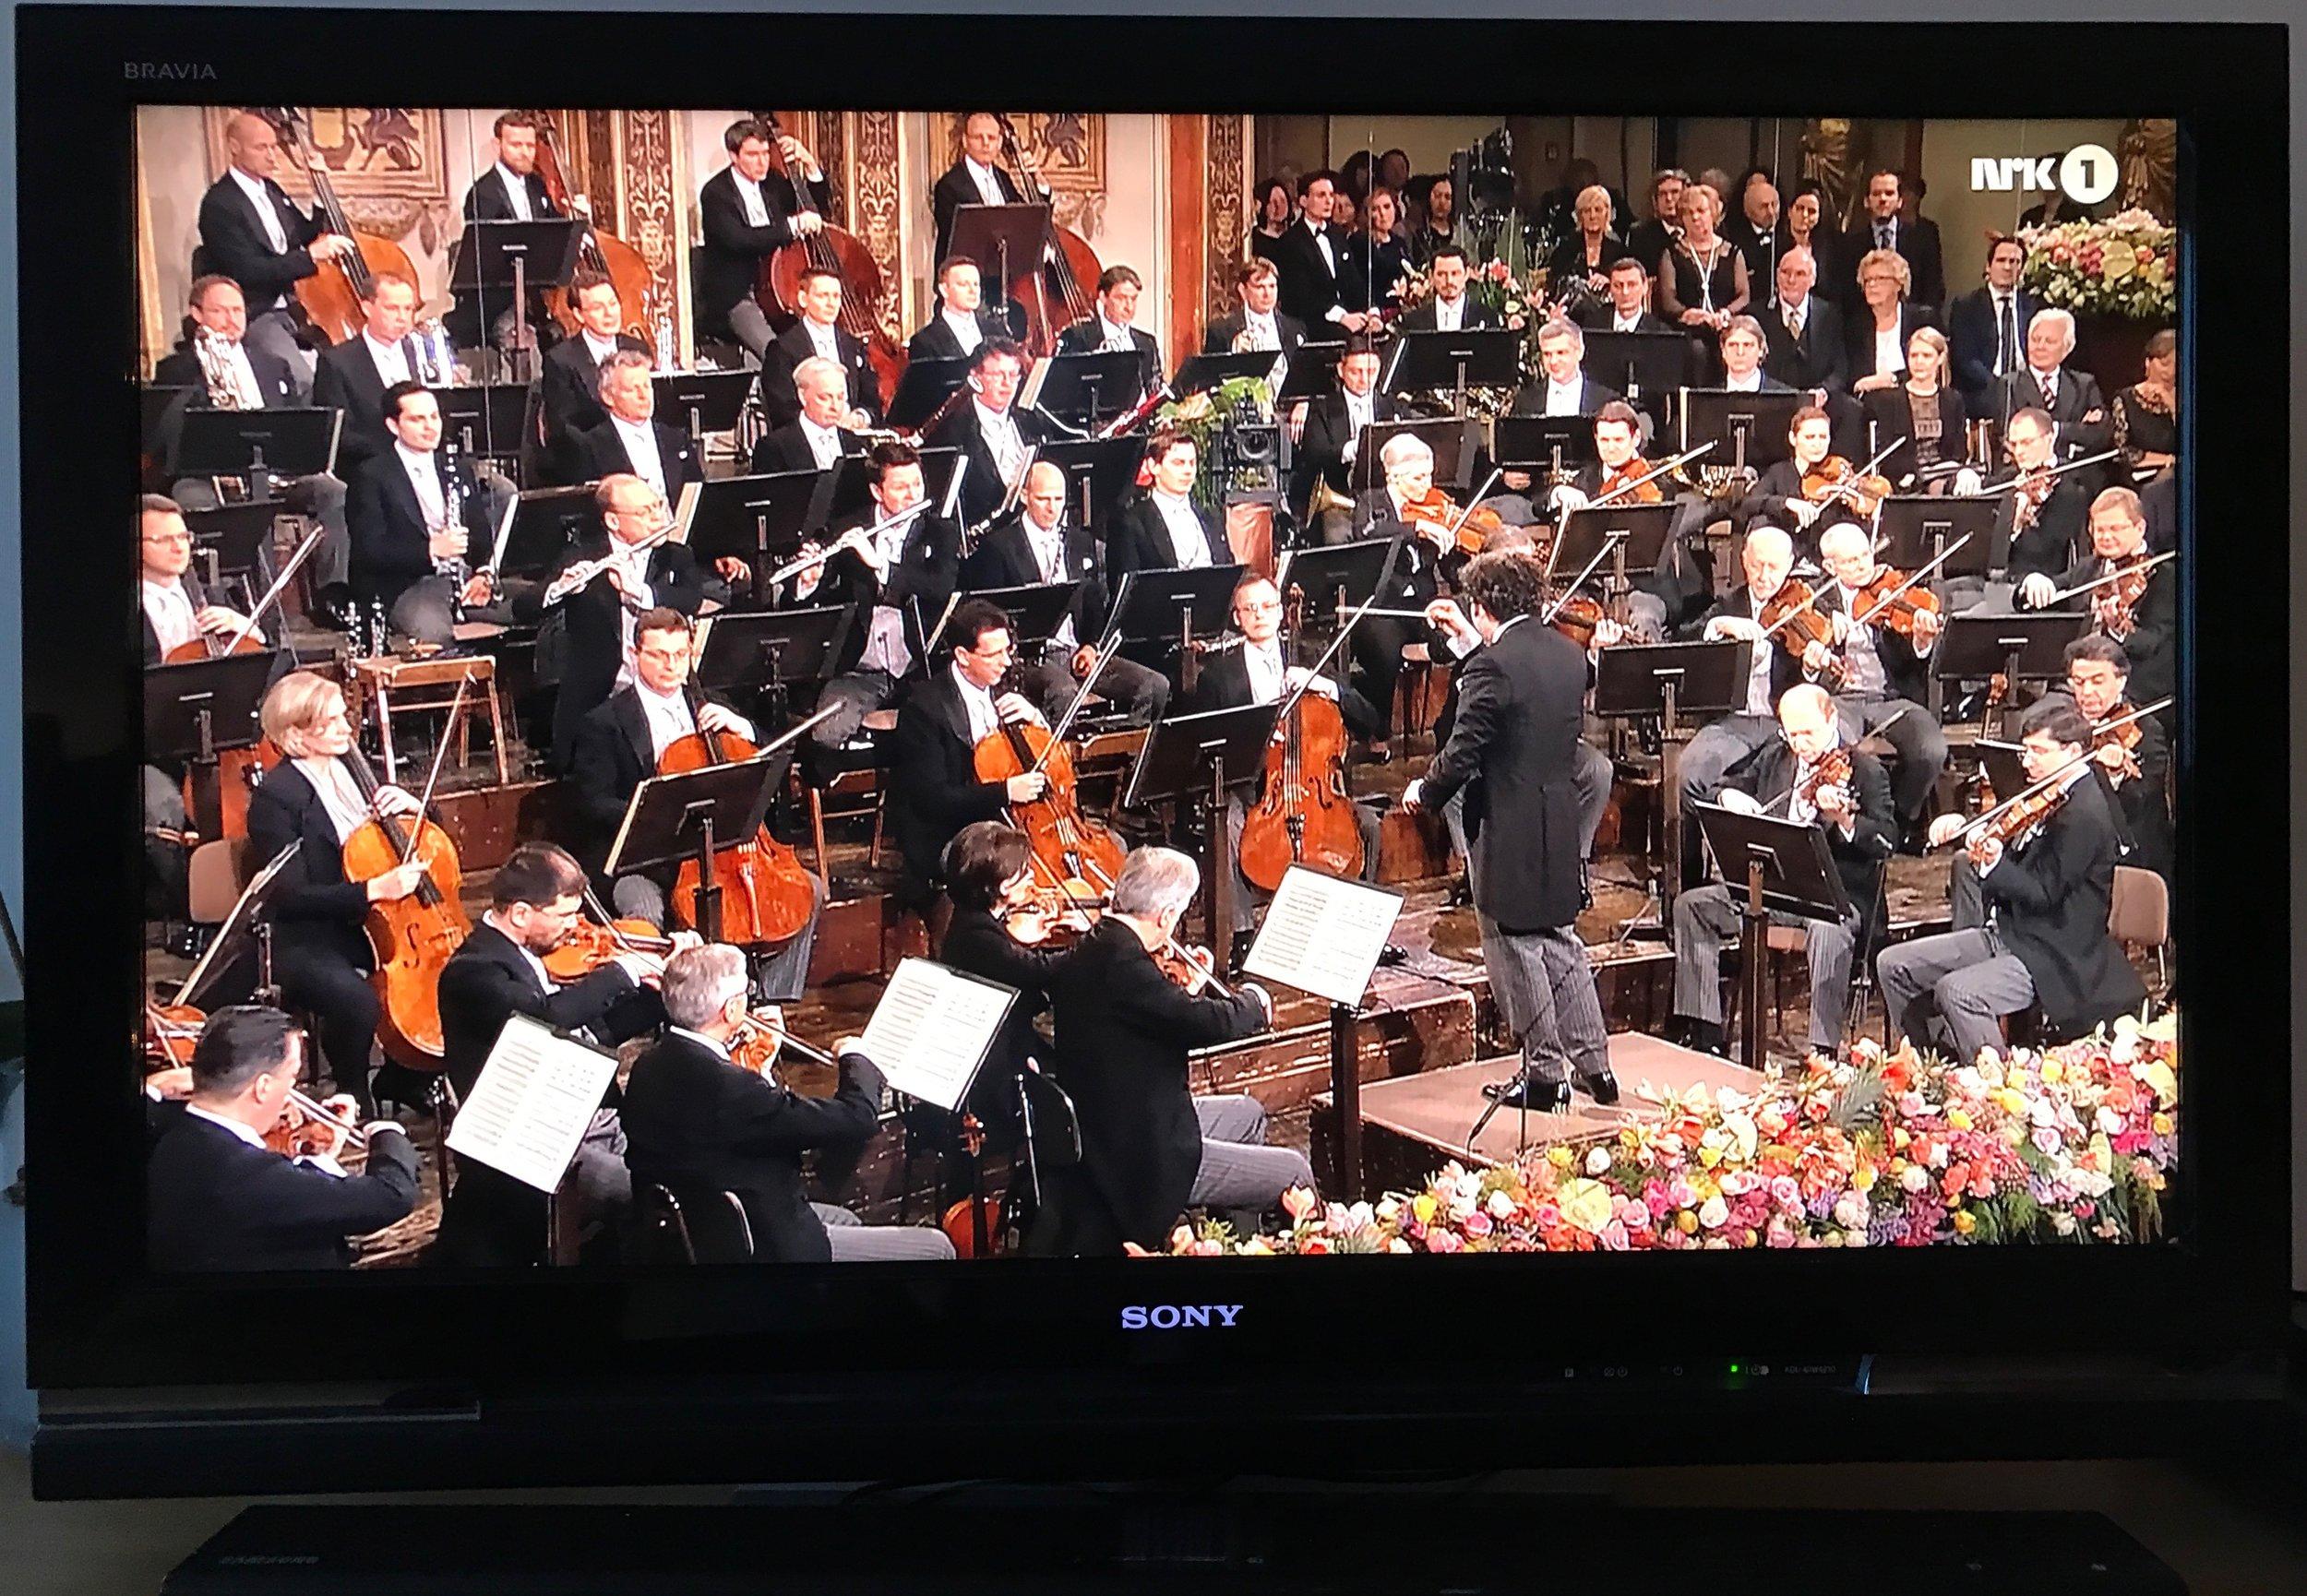 Vil du oppleve nyttårskonserten i Wien live - eller nøye deg med, som her, å se den på TV?